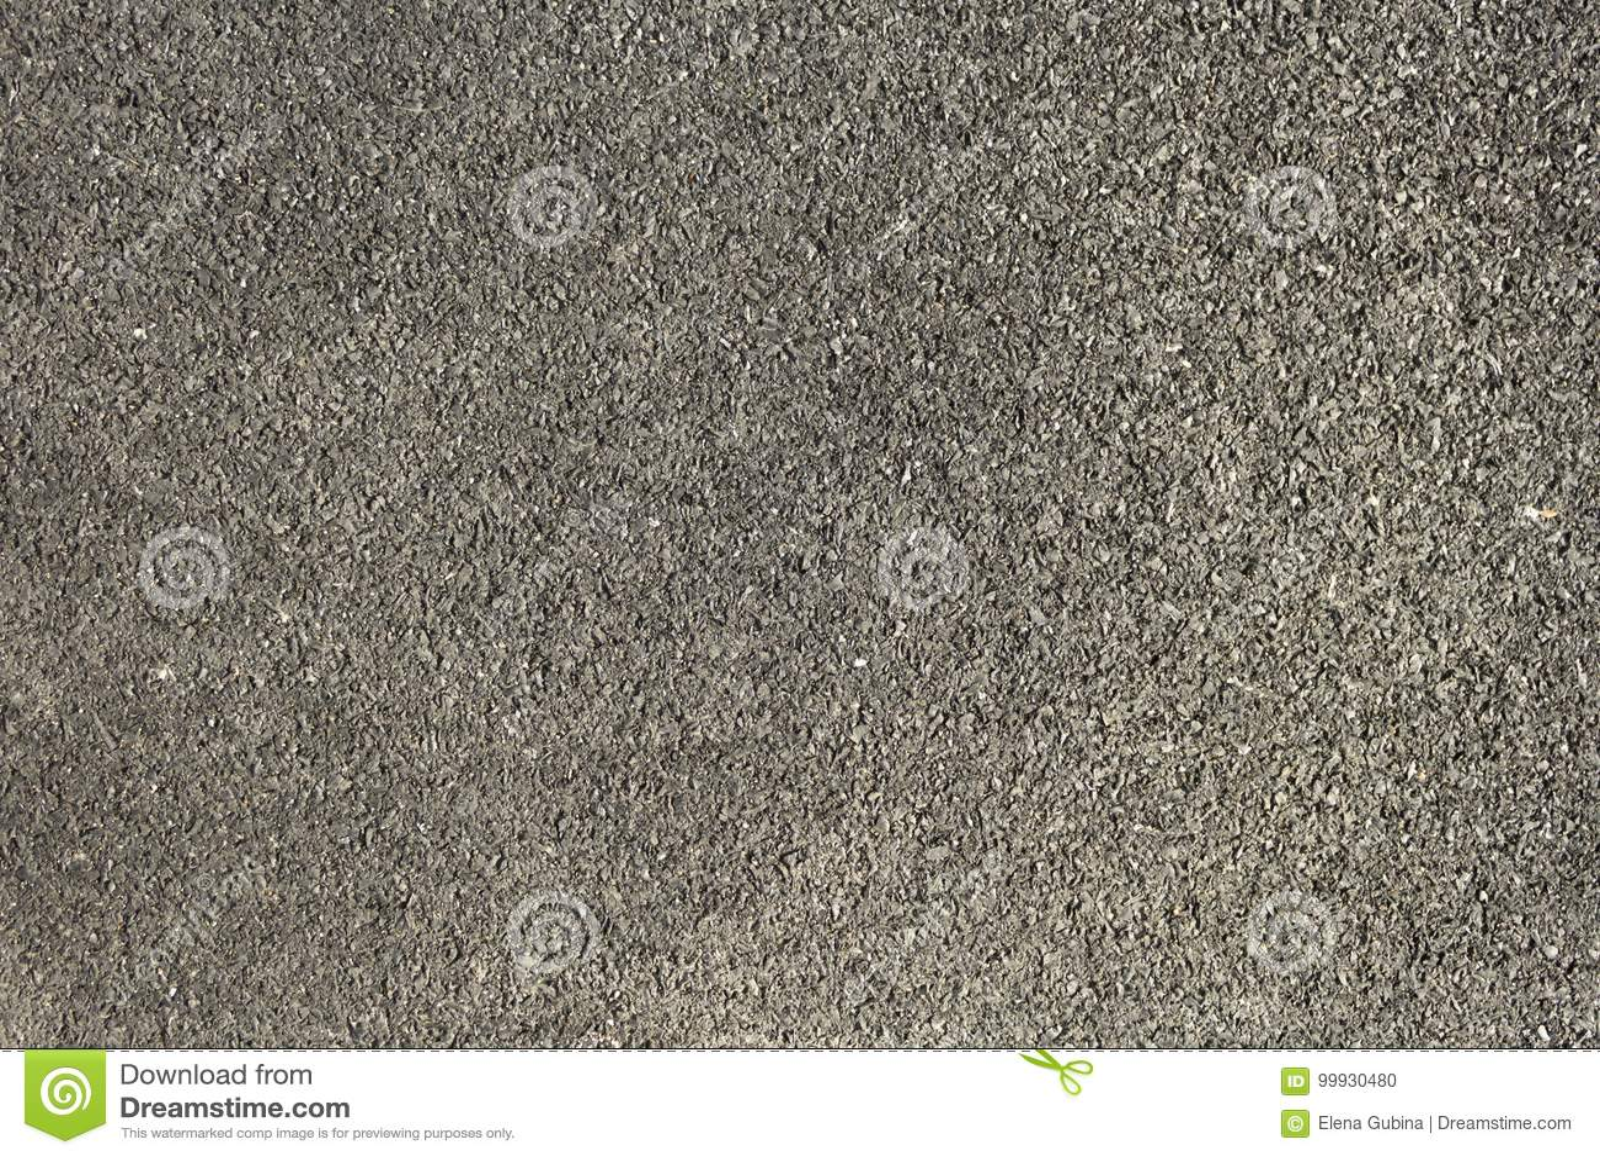 lino doux de plancher fait de caoutchouc de miette avec la structure de lige texture de